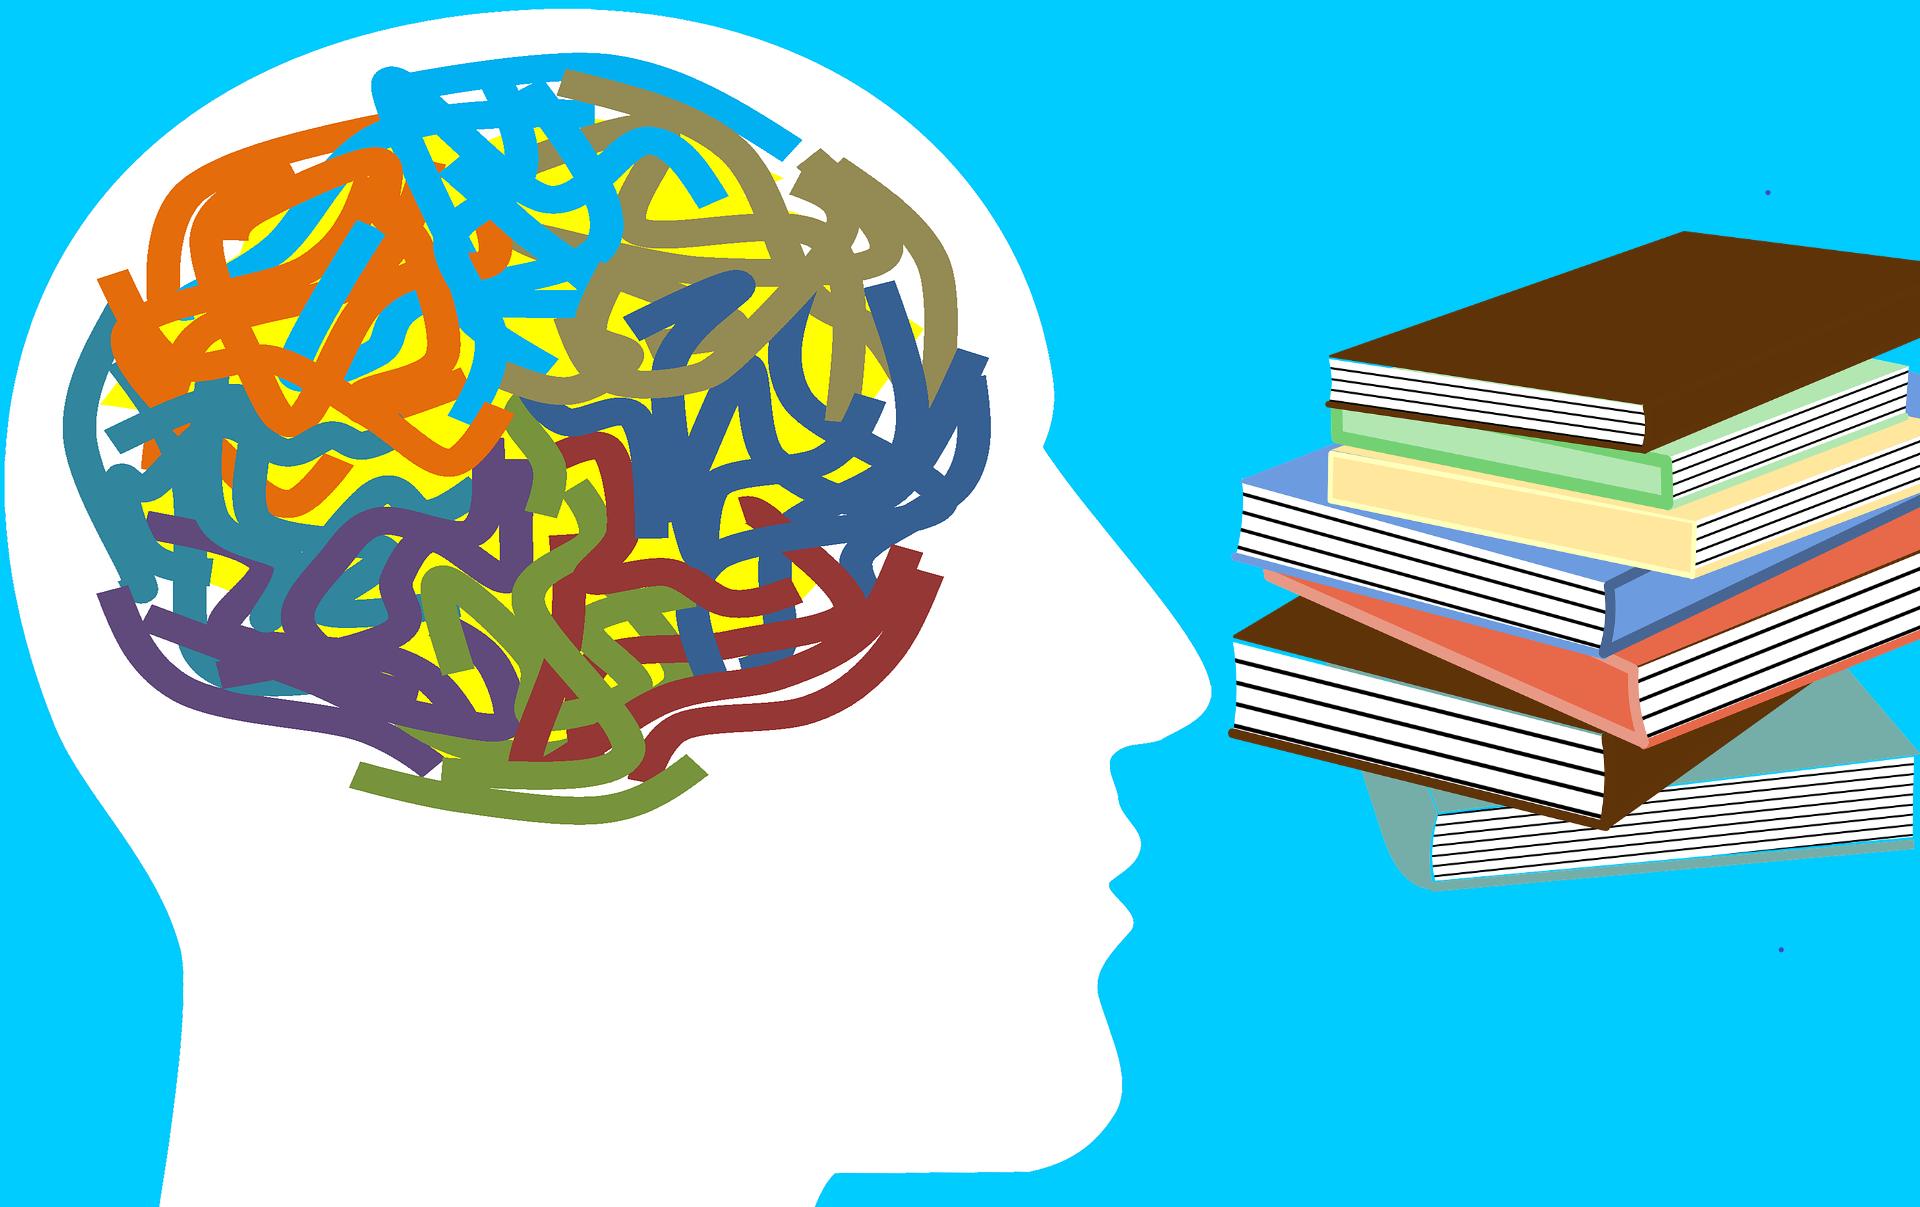 Millised ADHD aspektid mõjutavad kooli jõudlust?